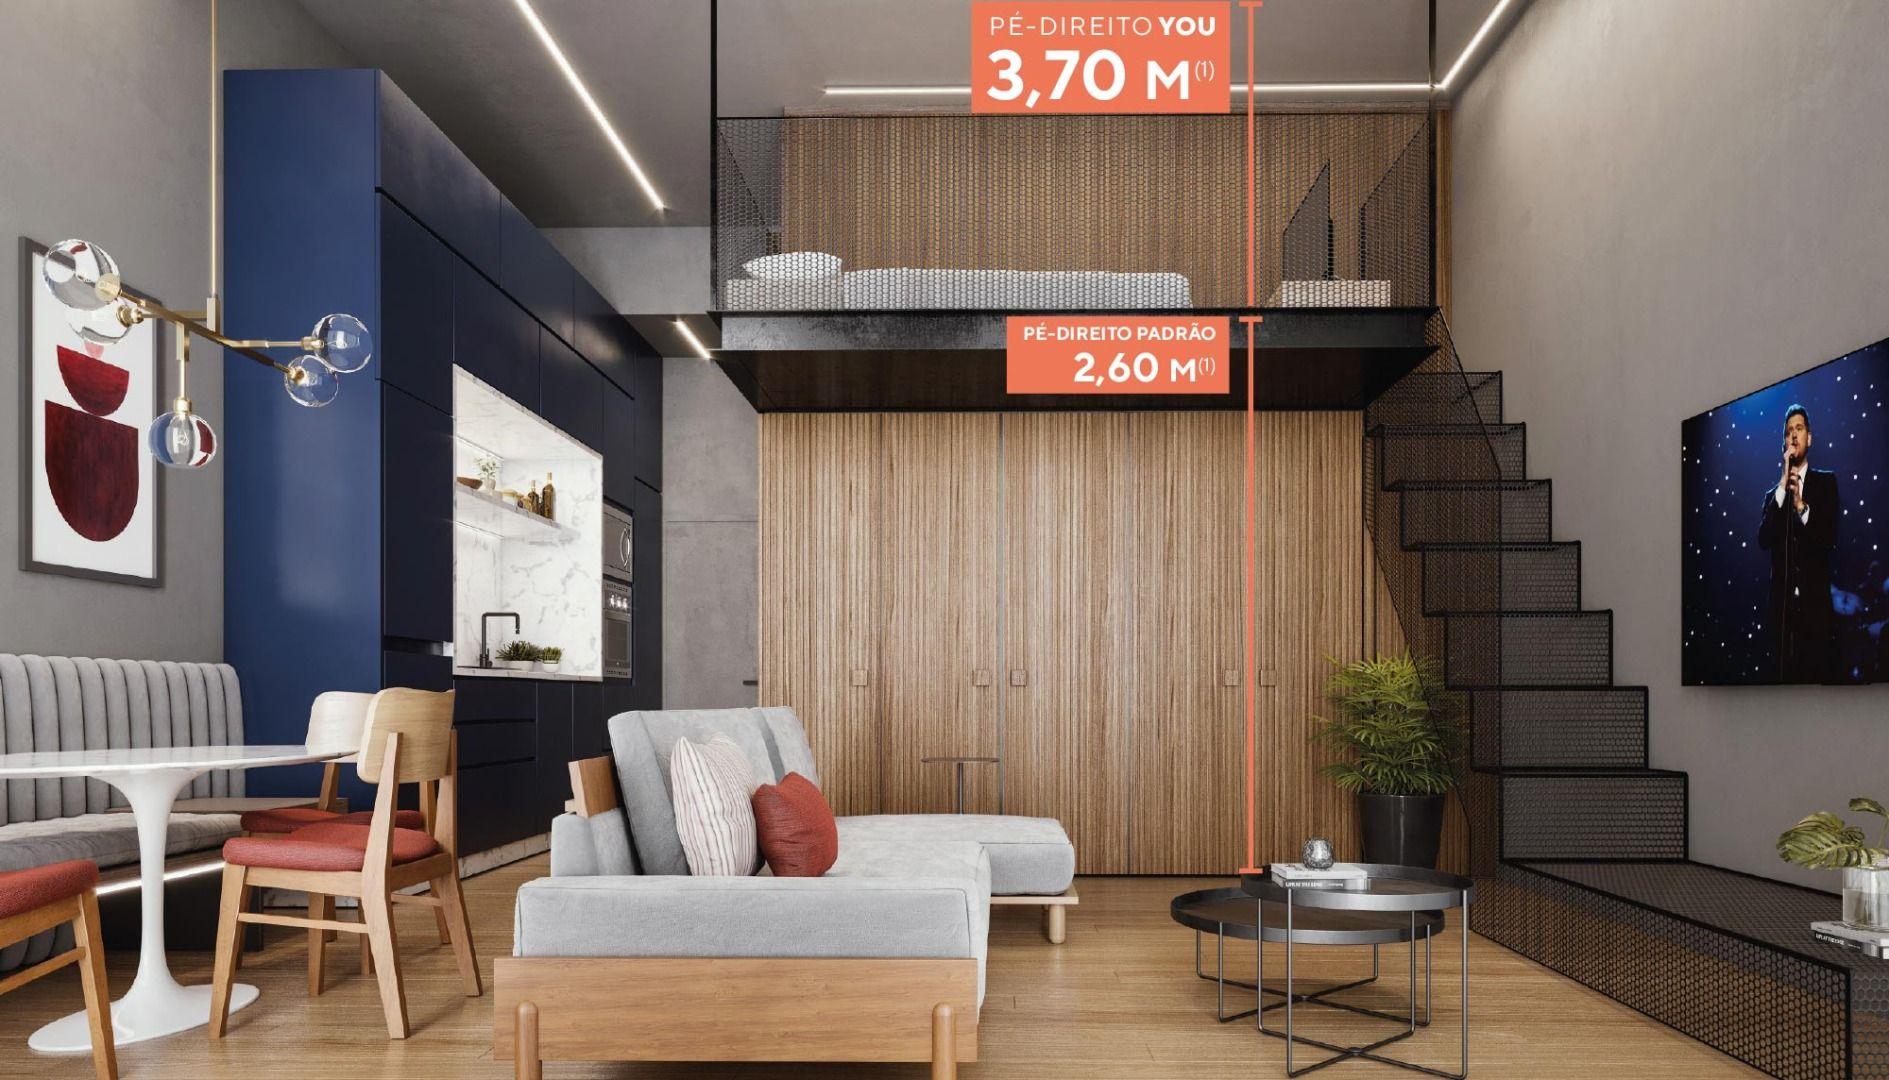 1 DORMITÓRIO. Apartamentos com pé-direito de 3,70 m, possibilitando a criação de mezanino para ambiente suspenso. Destaque para a cozinha integrada, que conta com previsão para cooktop e forno elétrico, além de infra para máquina de lavar louça e roupa.